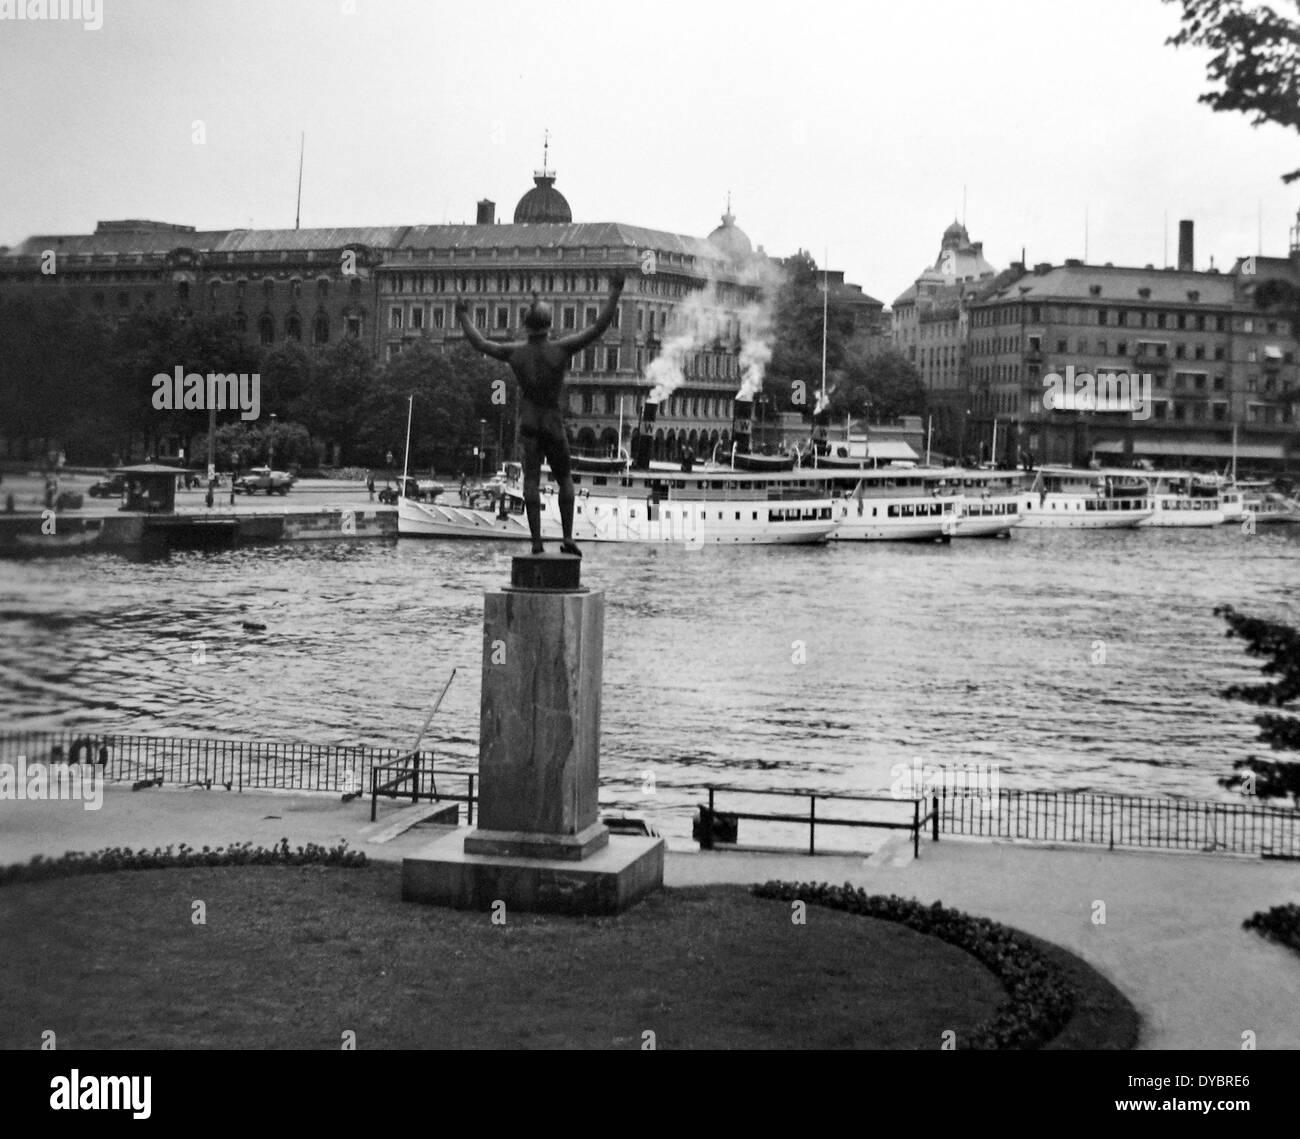 Stockholm Sweden probably 1930s - Stock Image